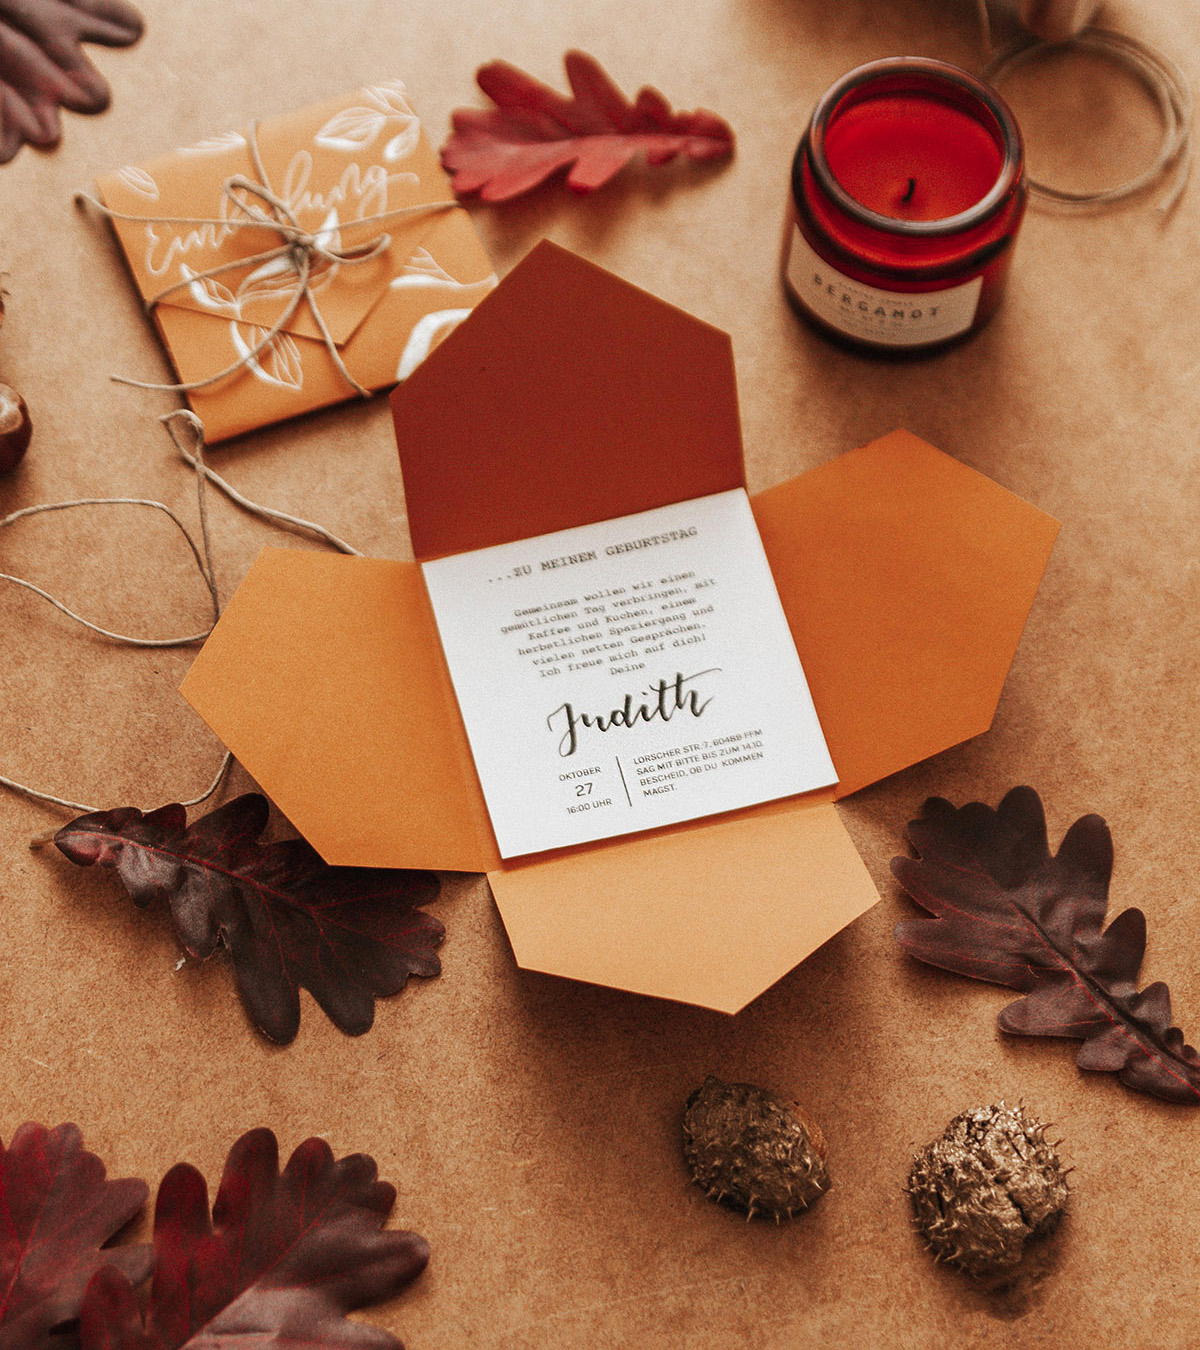 frauliebling_diyblog_deko_geschenke_handlettering_einladungskarten_2